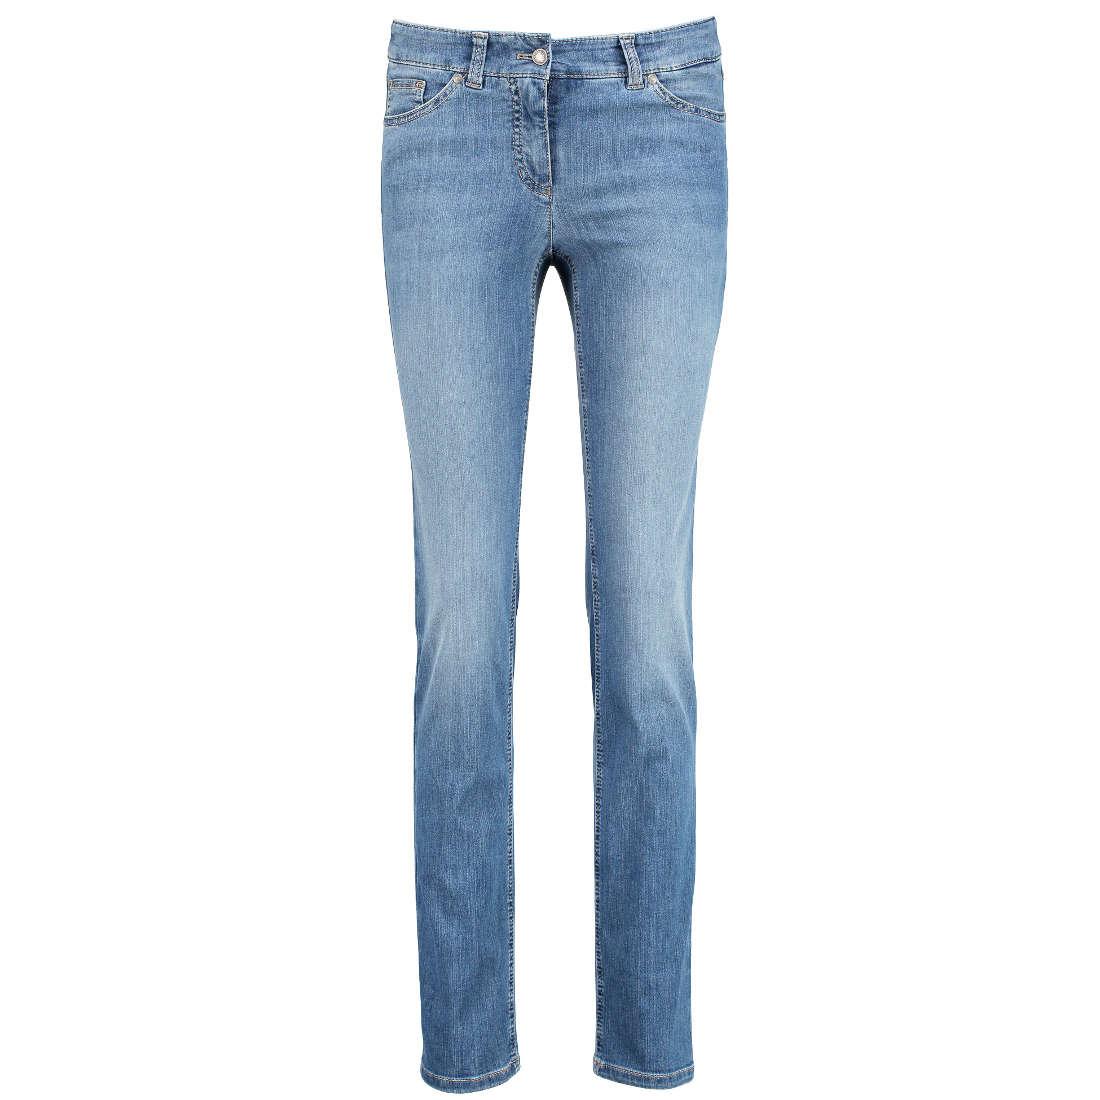 Gerry Edition jeans 92151-67810 in het Denim